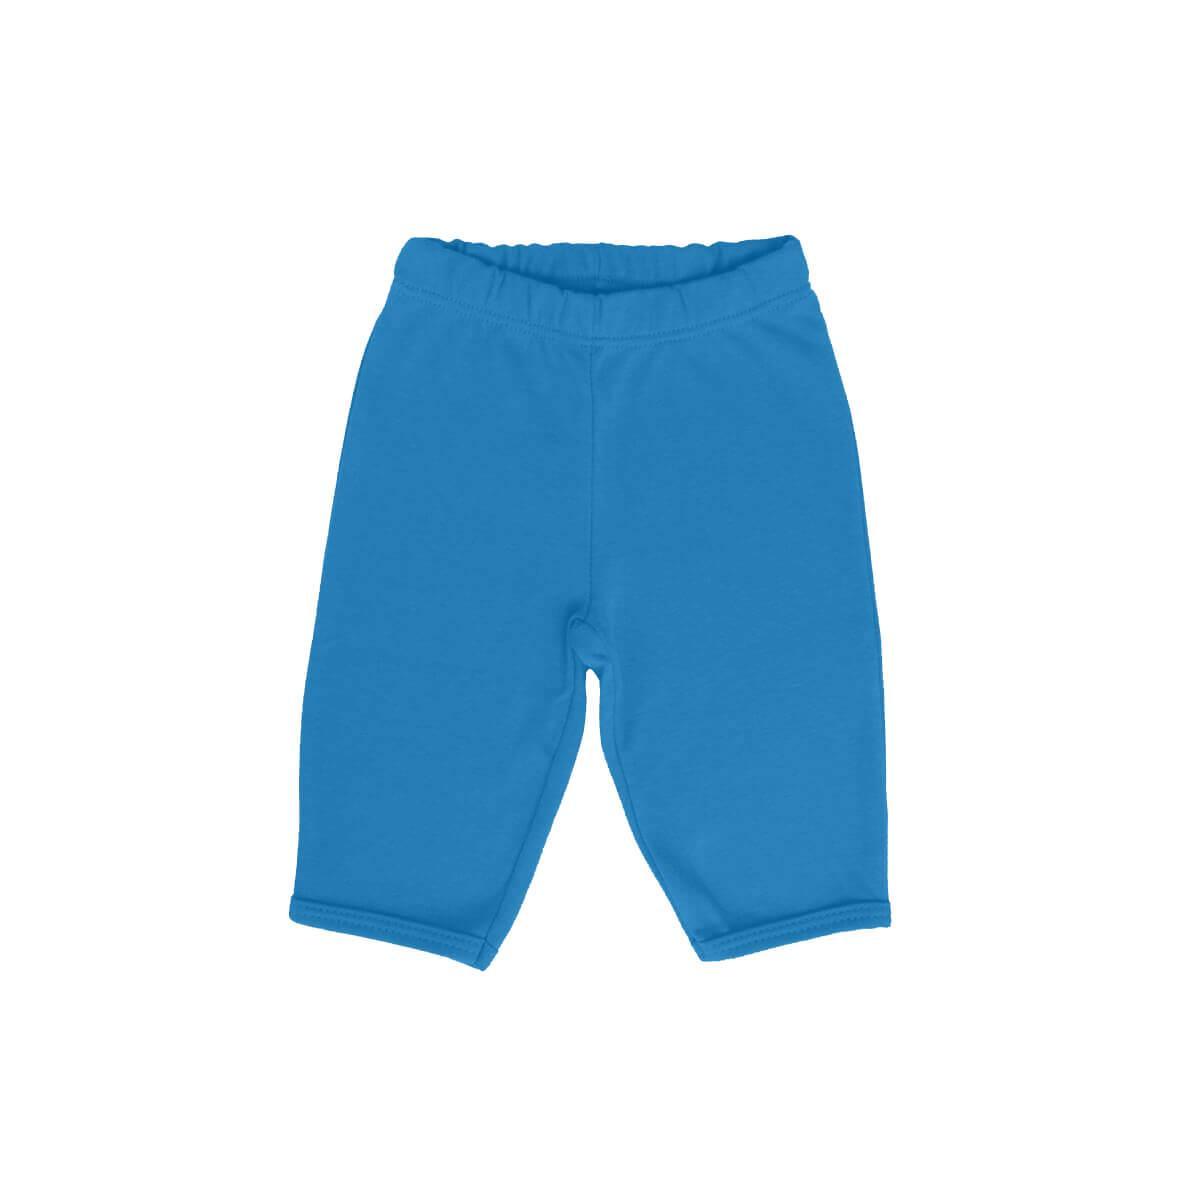 Calça Básica Azul Cobalto